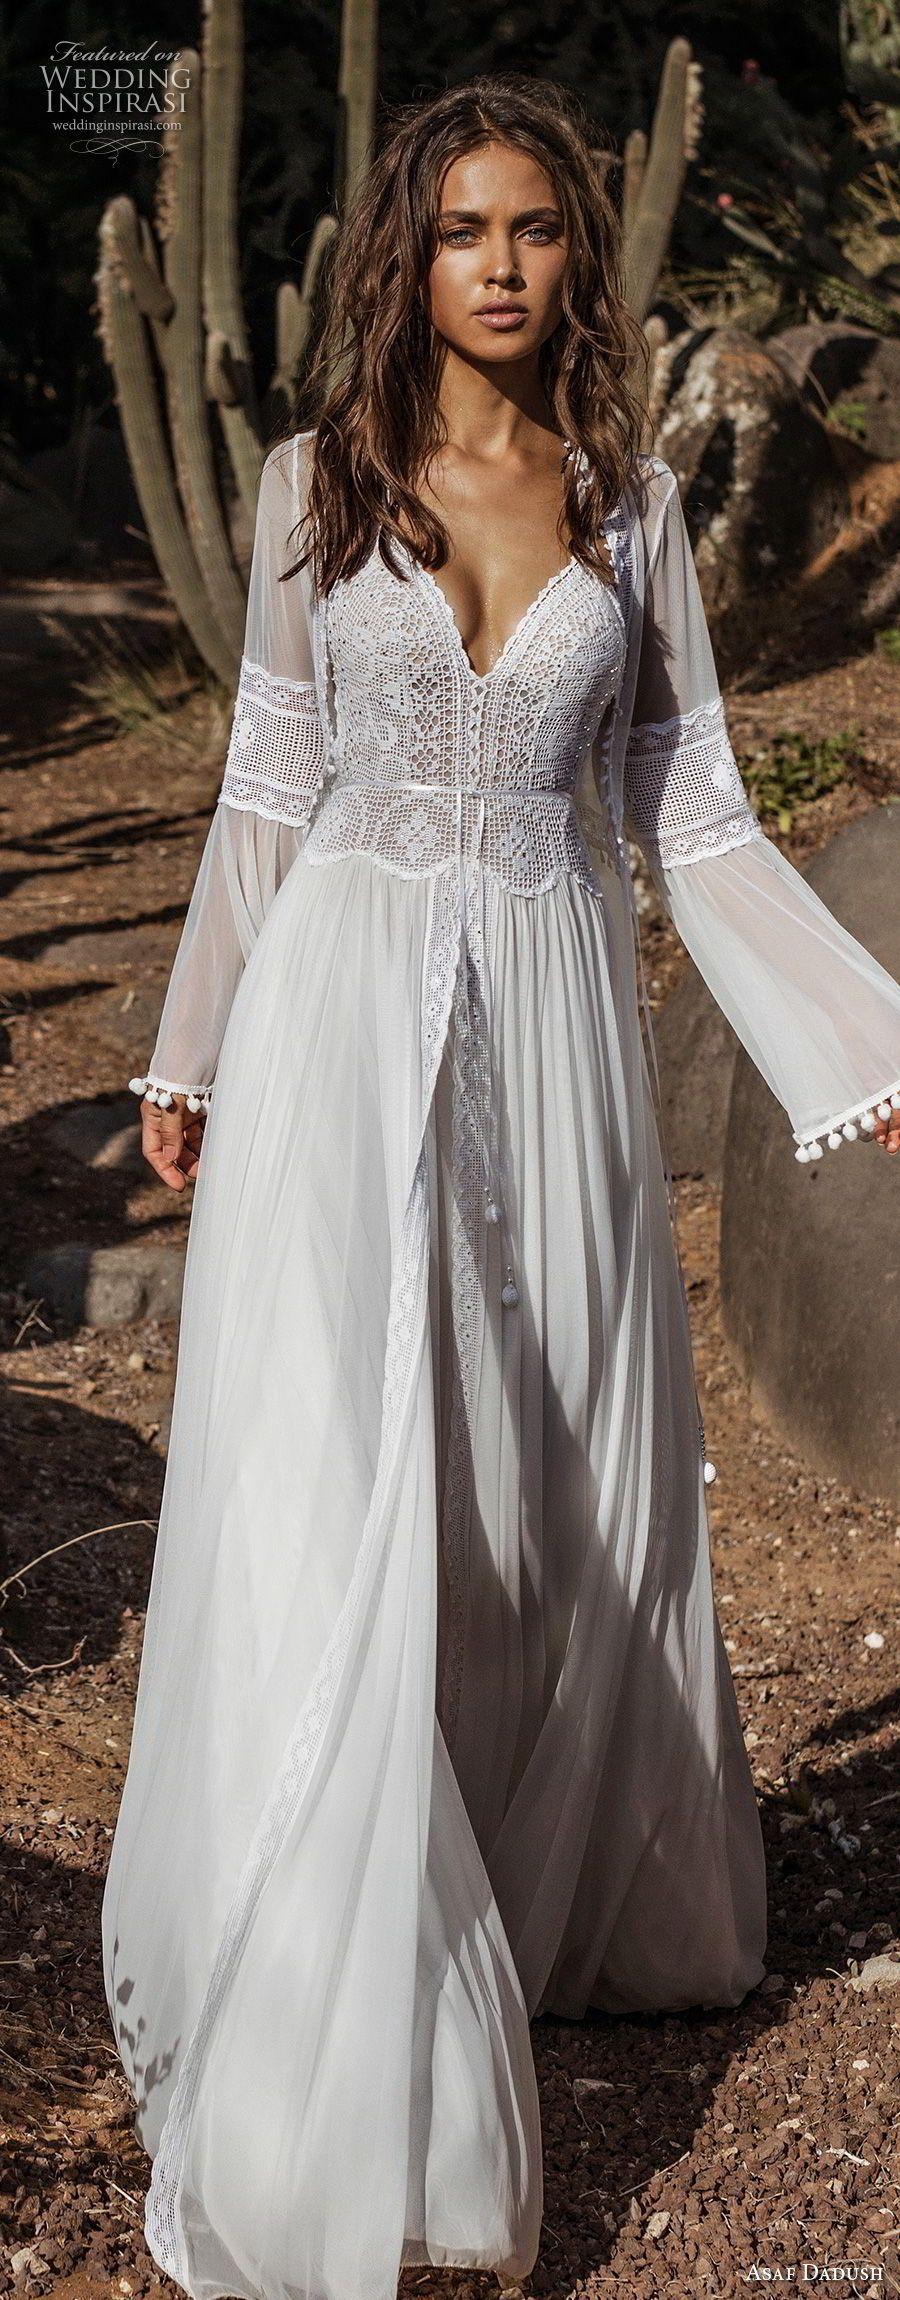 Asaf dadush bridal long lantern sleeves thin strap sweetheart